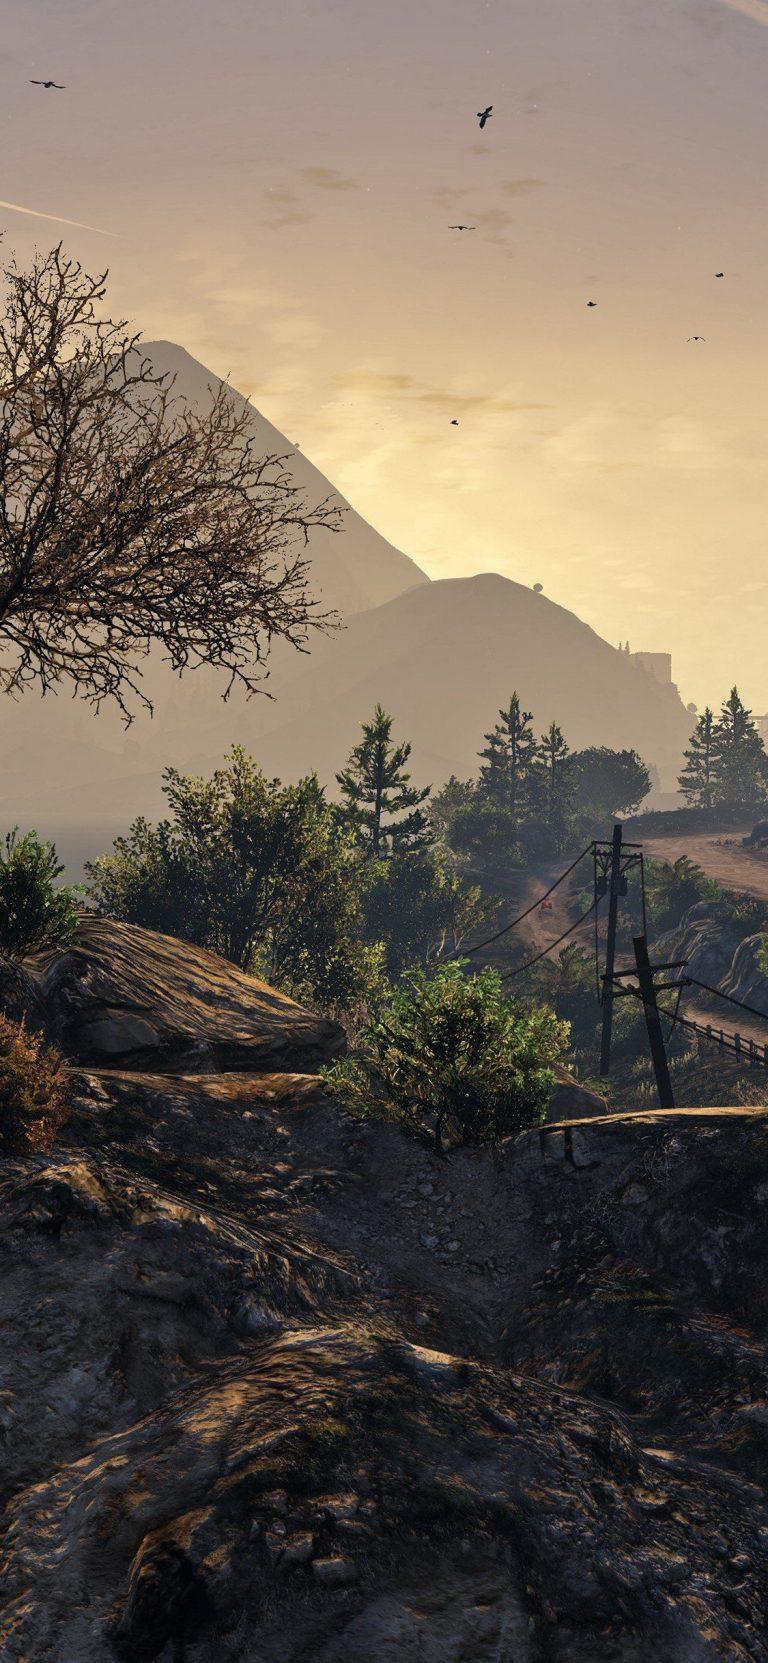 Mountain Way HD Wallpaper 1125x2436 768x1663